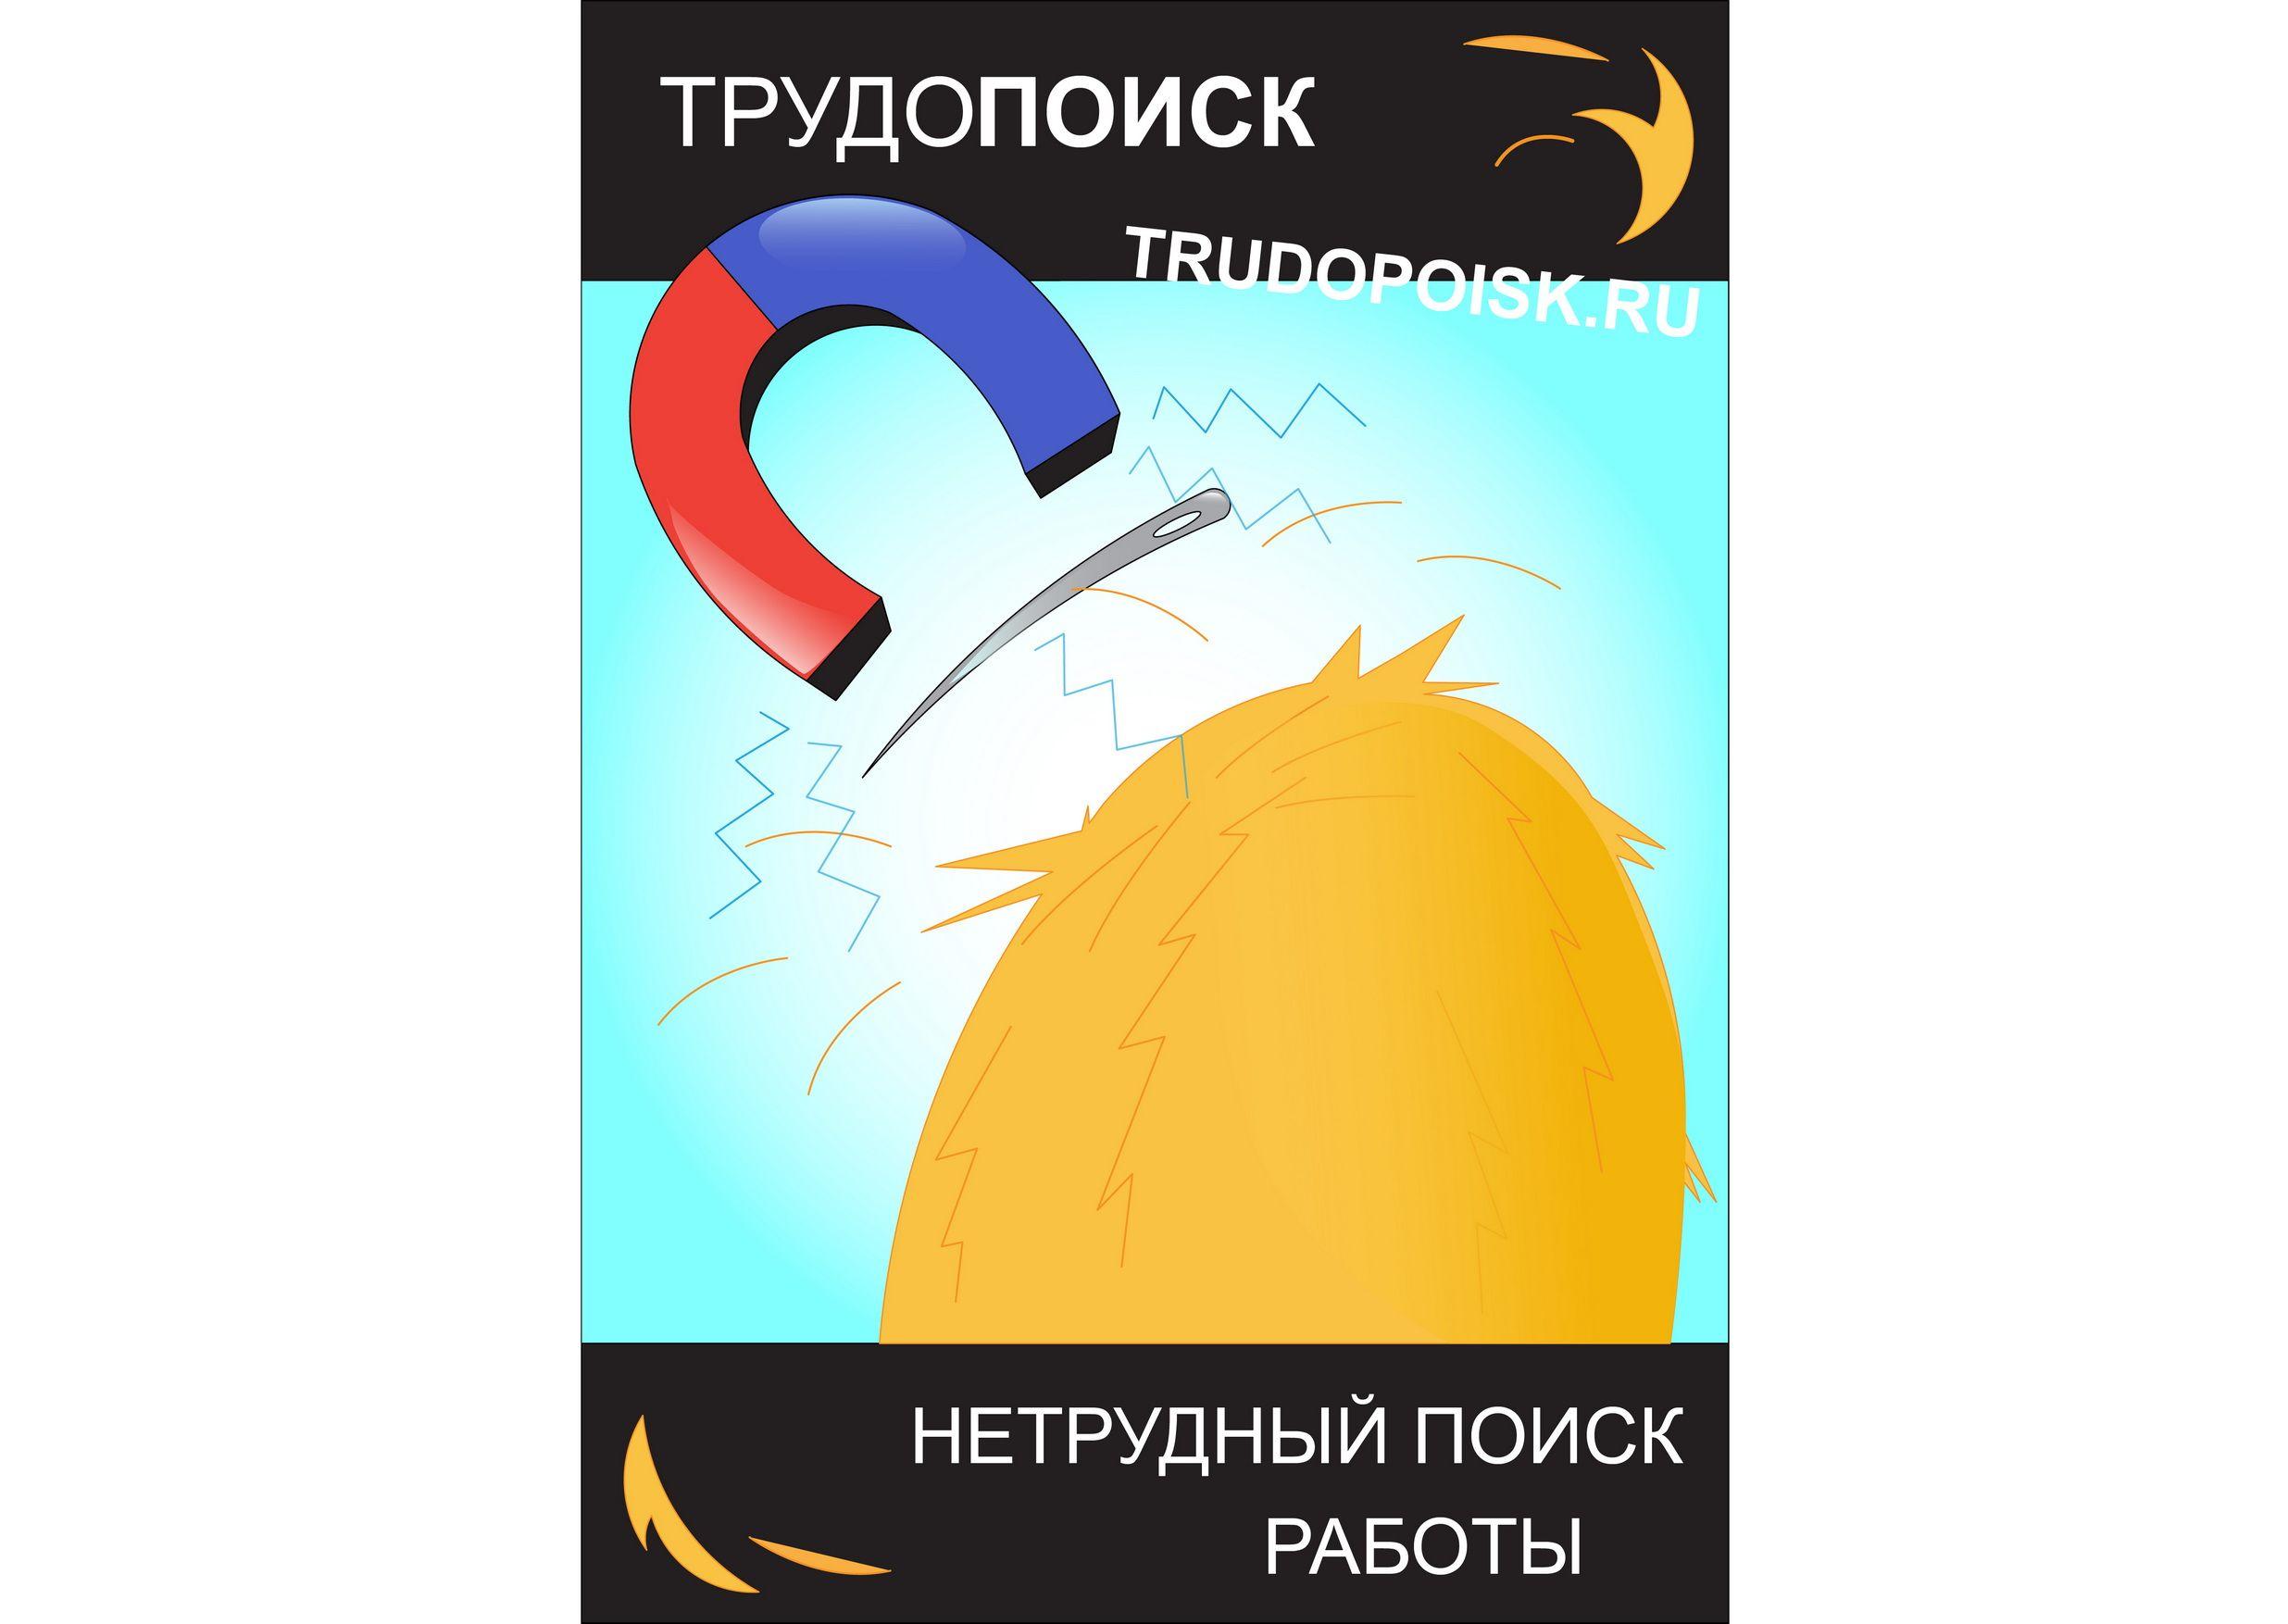 Креатив для постера Трудопоиск.ру  - дизайнер kirilln84